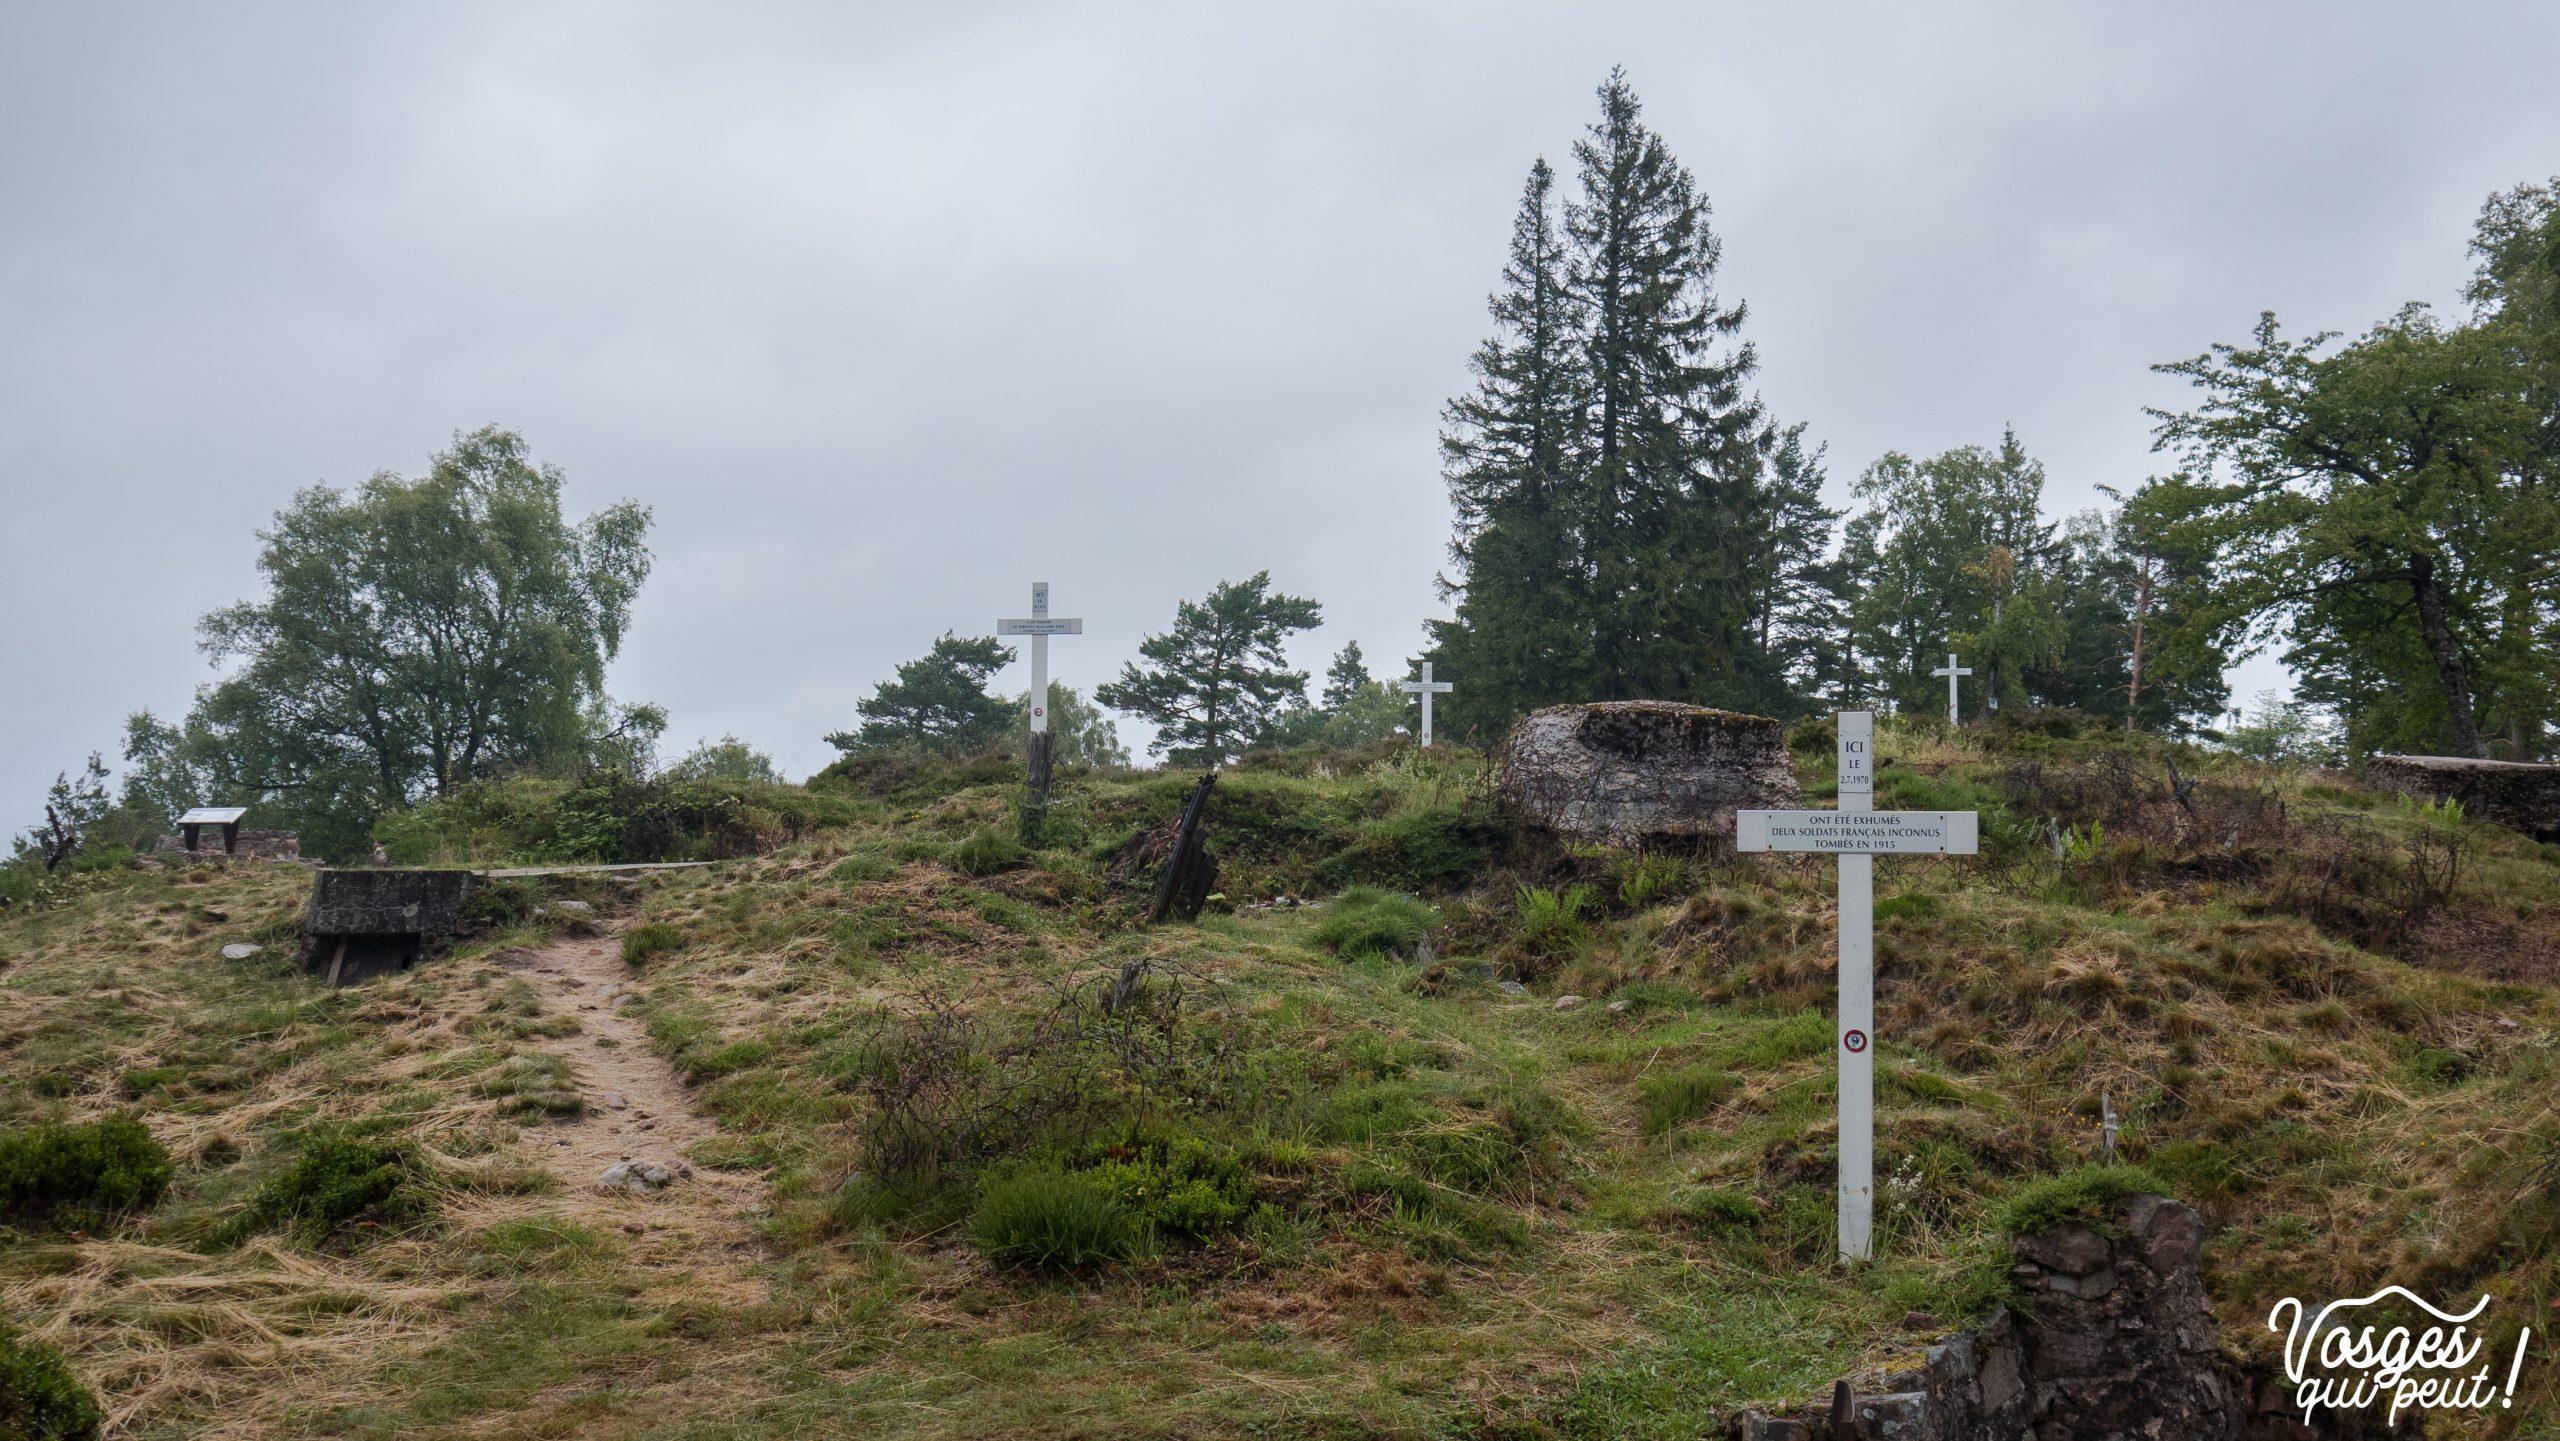 Le champ de bataille du Linge dans les Vosges